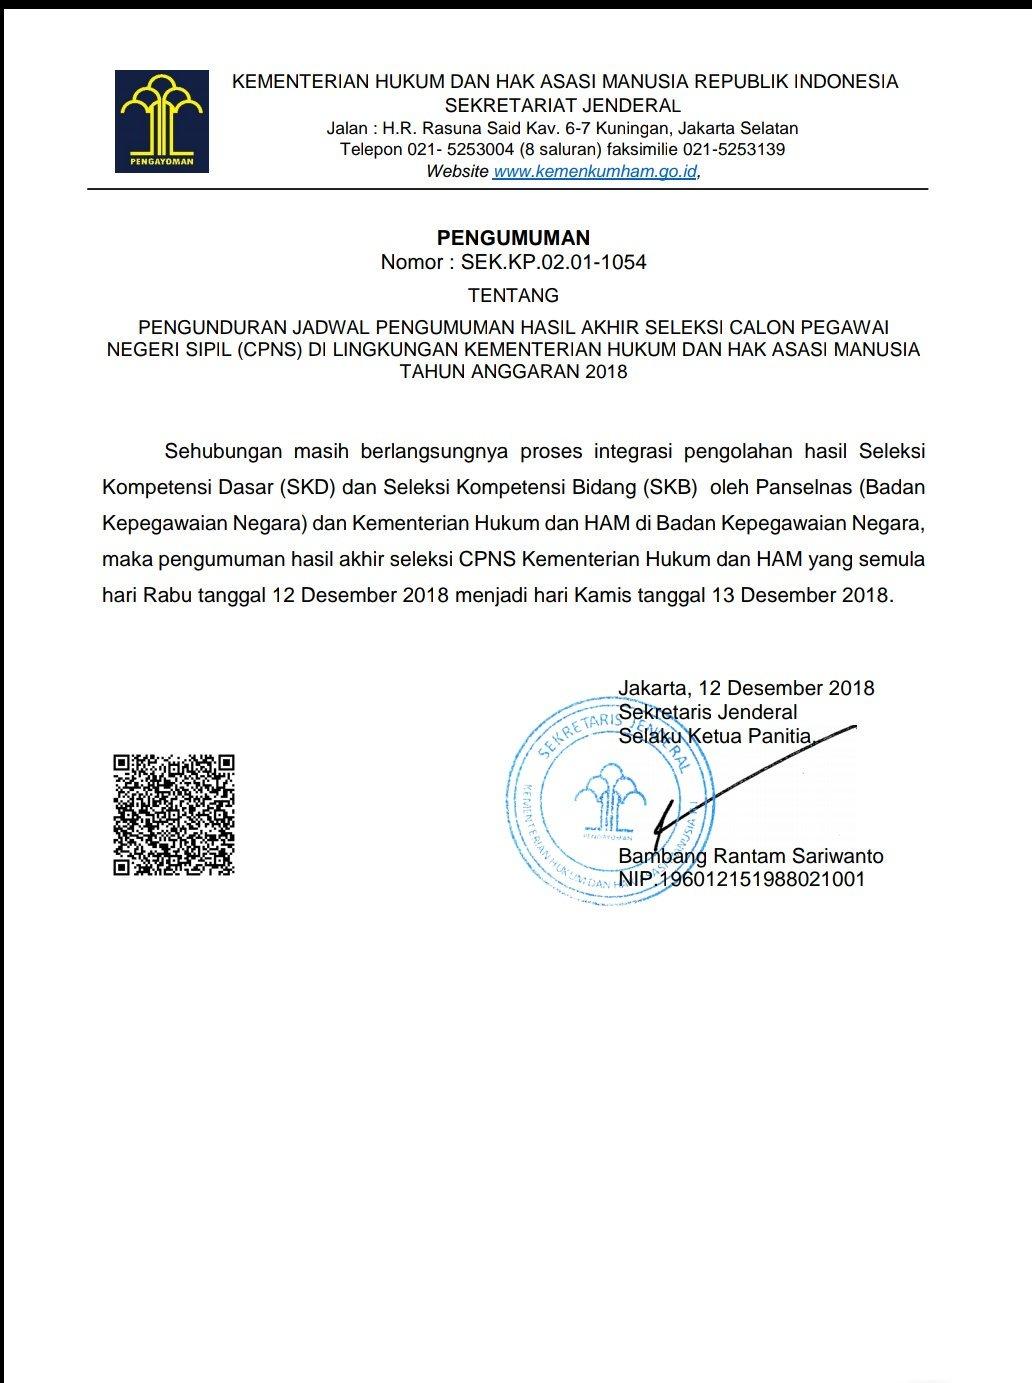 Pengunduran Pengumuman Jadwal Hasil Akhir Seleksi CPNS Kemenkumham 2018.